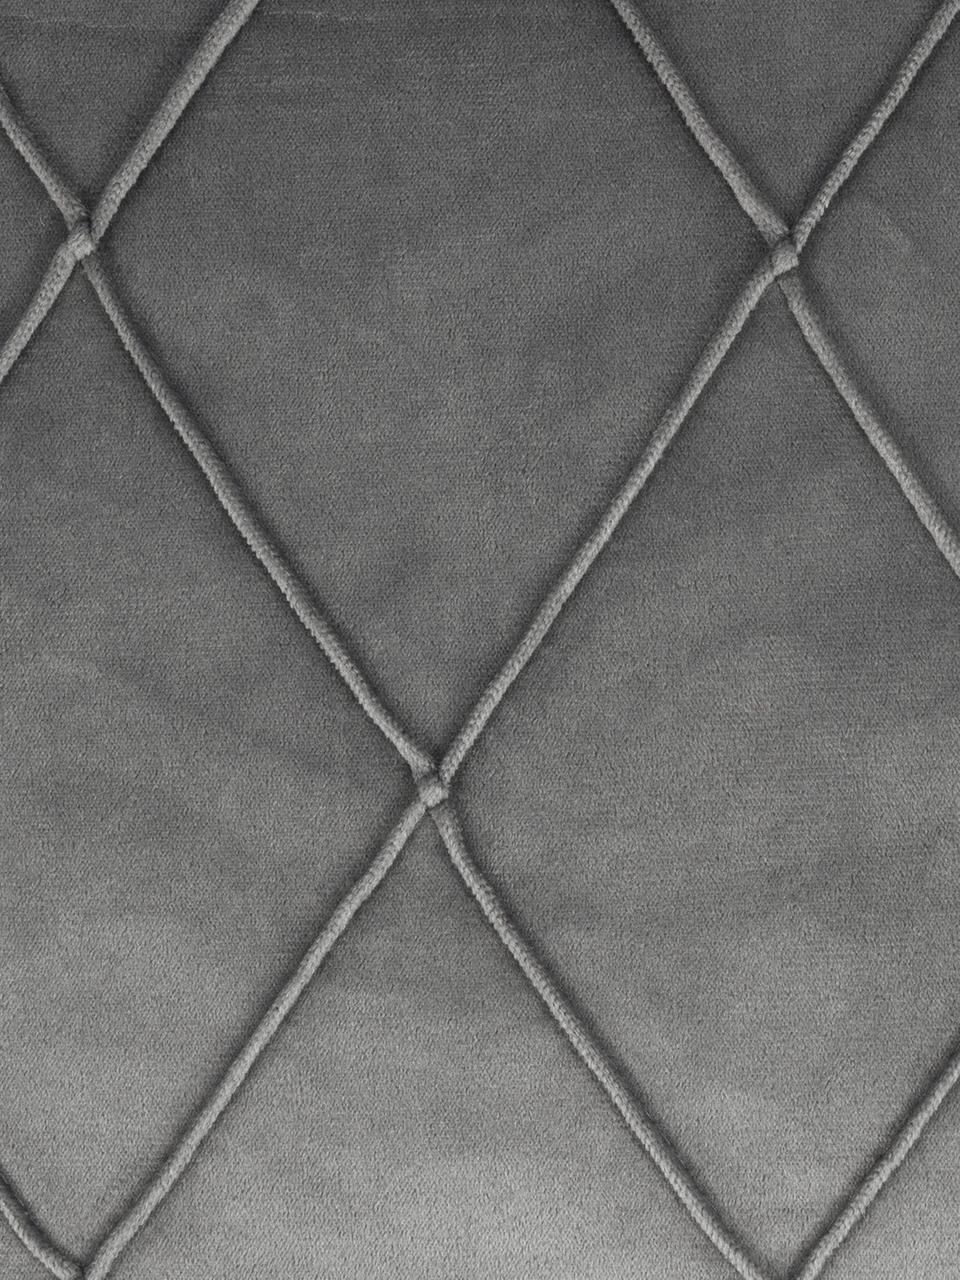 Federa arredo in velluto con motivo a rombi Nobless, 100% velluto di poliestere, Grigio, Larg. 50 x Lung. 50 cm